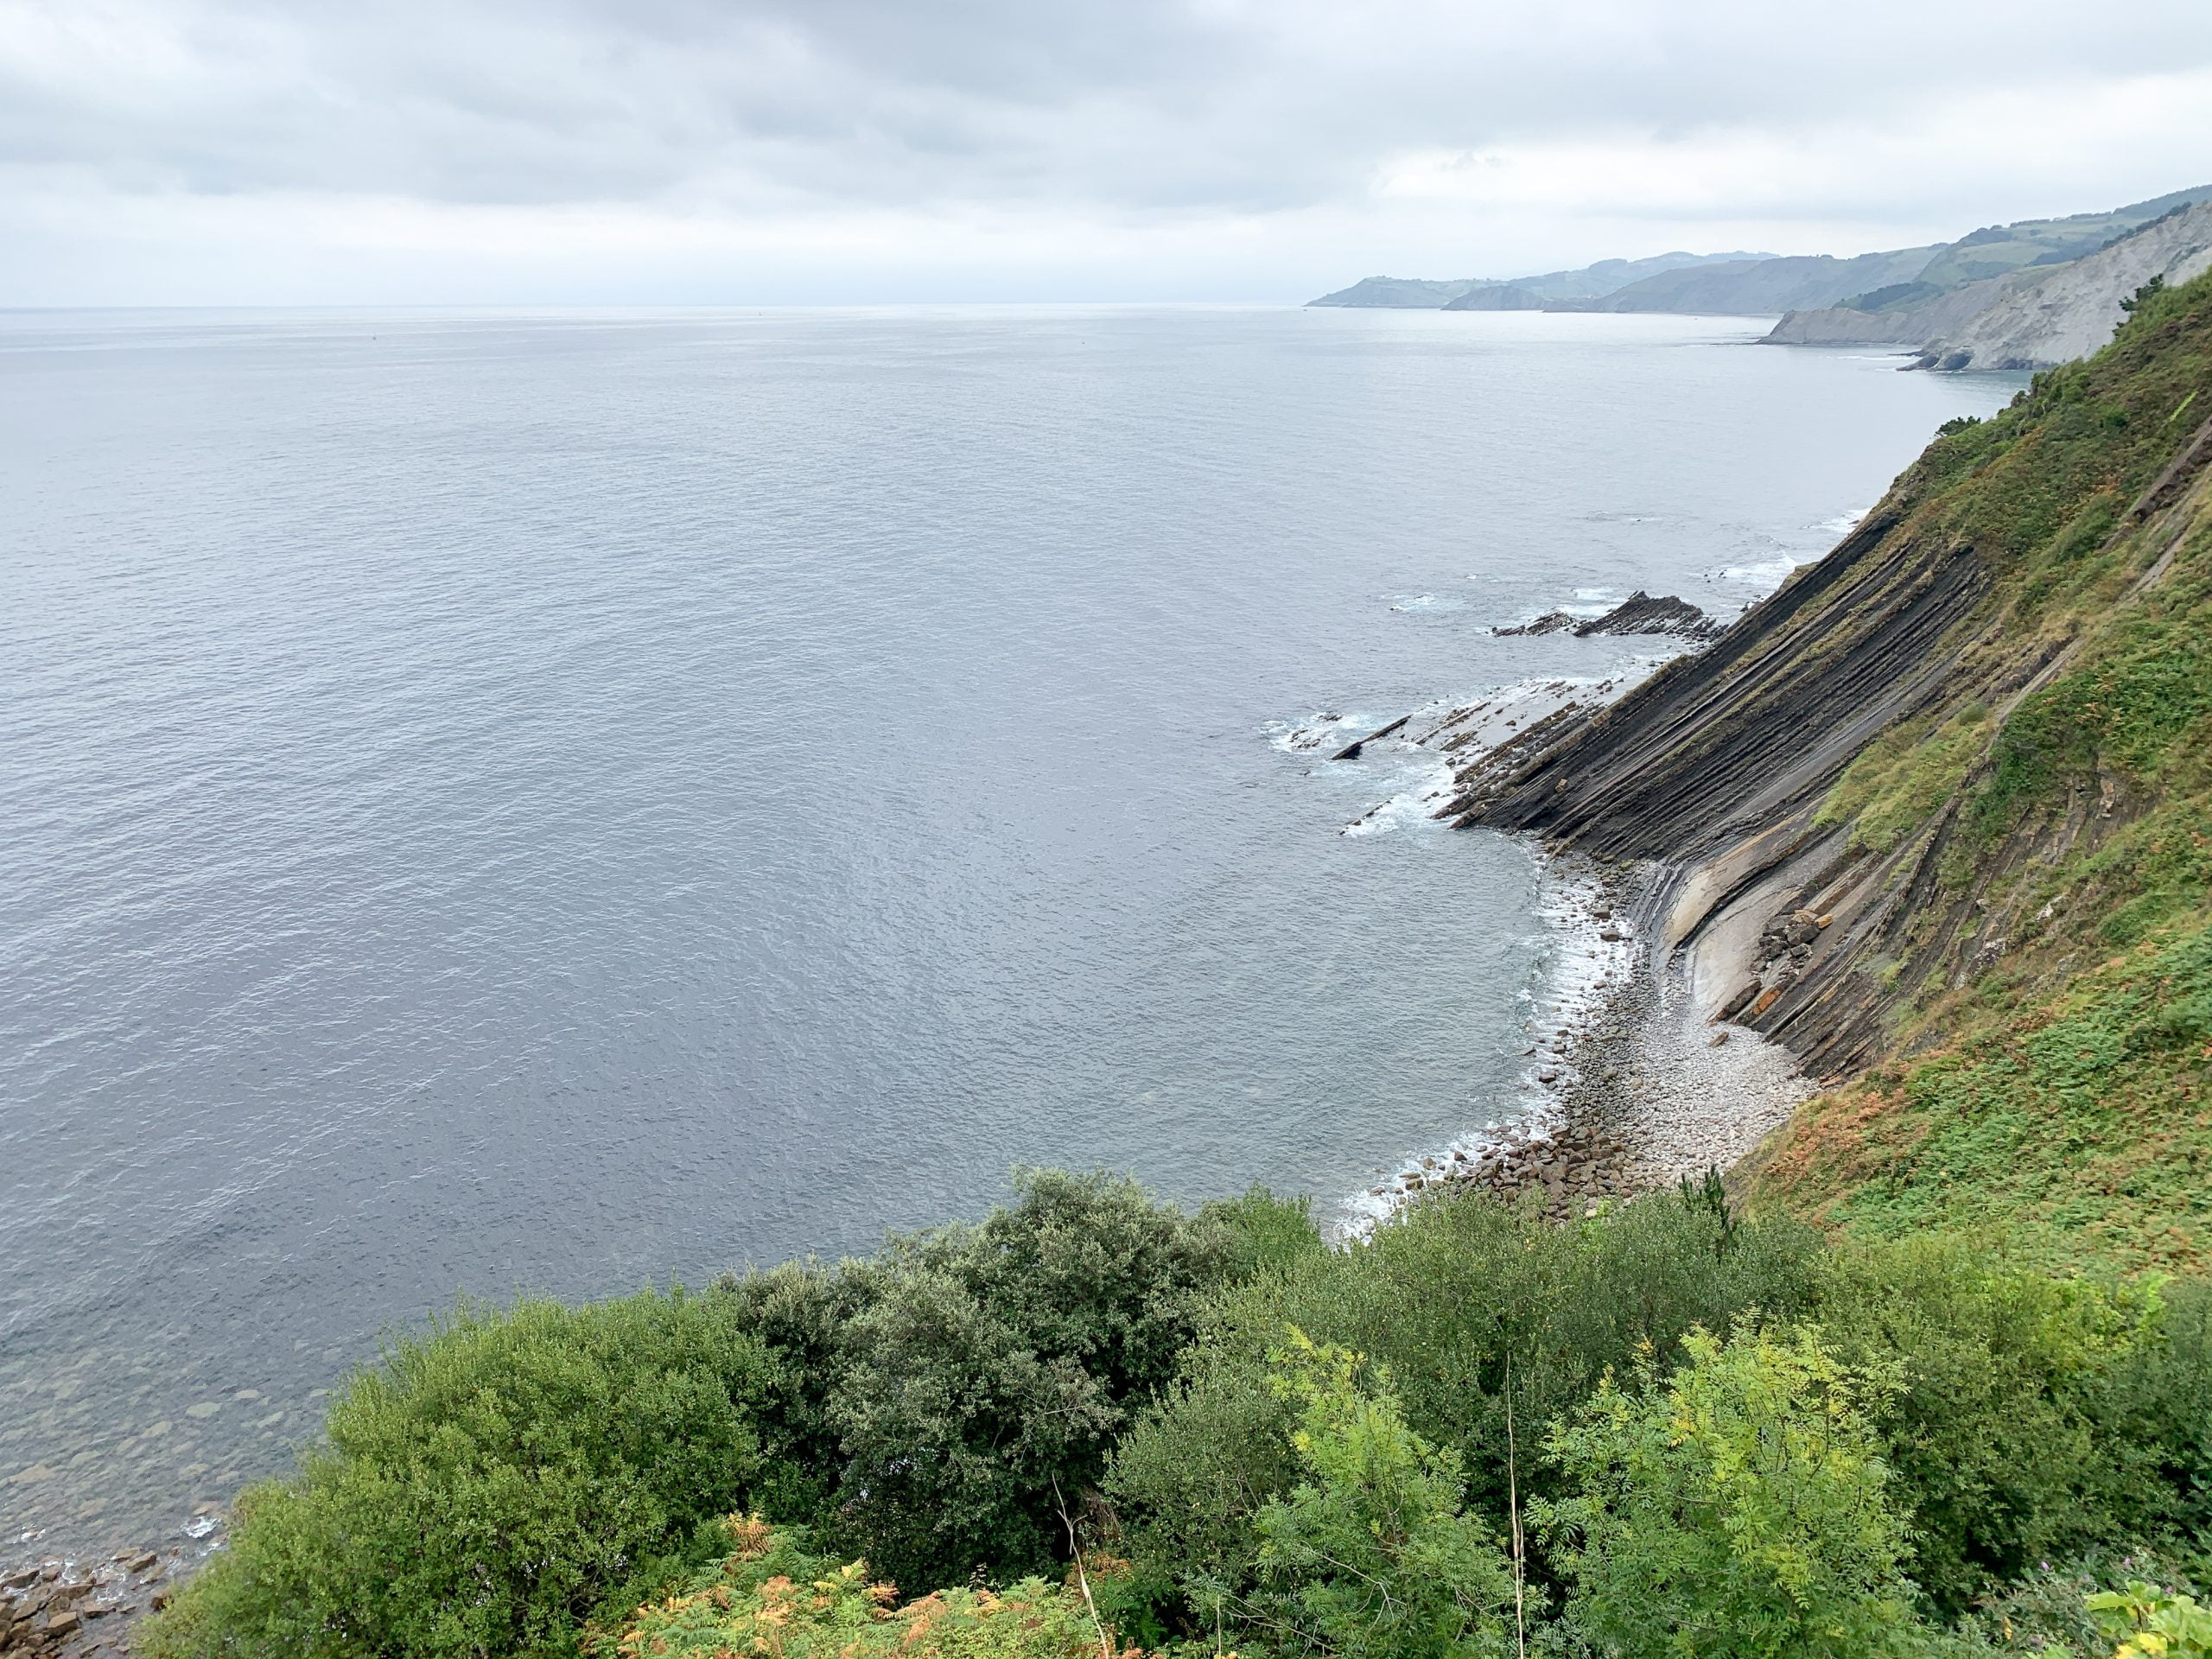 De Golf van Biskaje